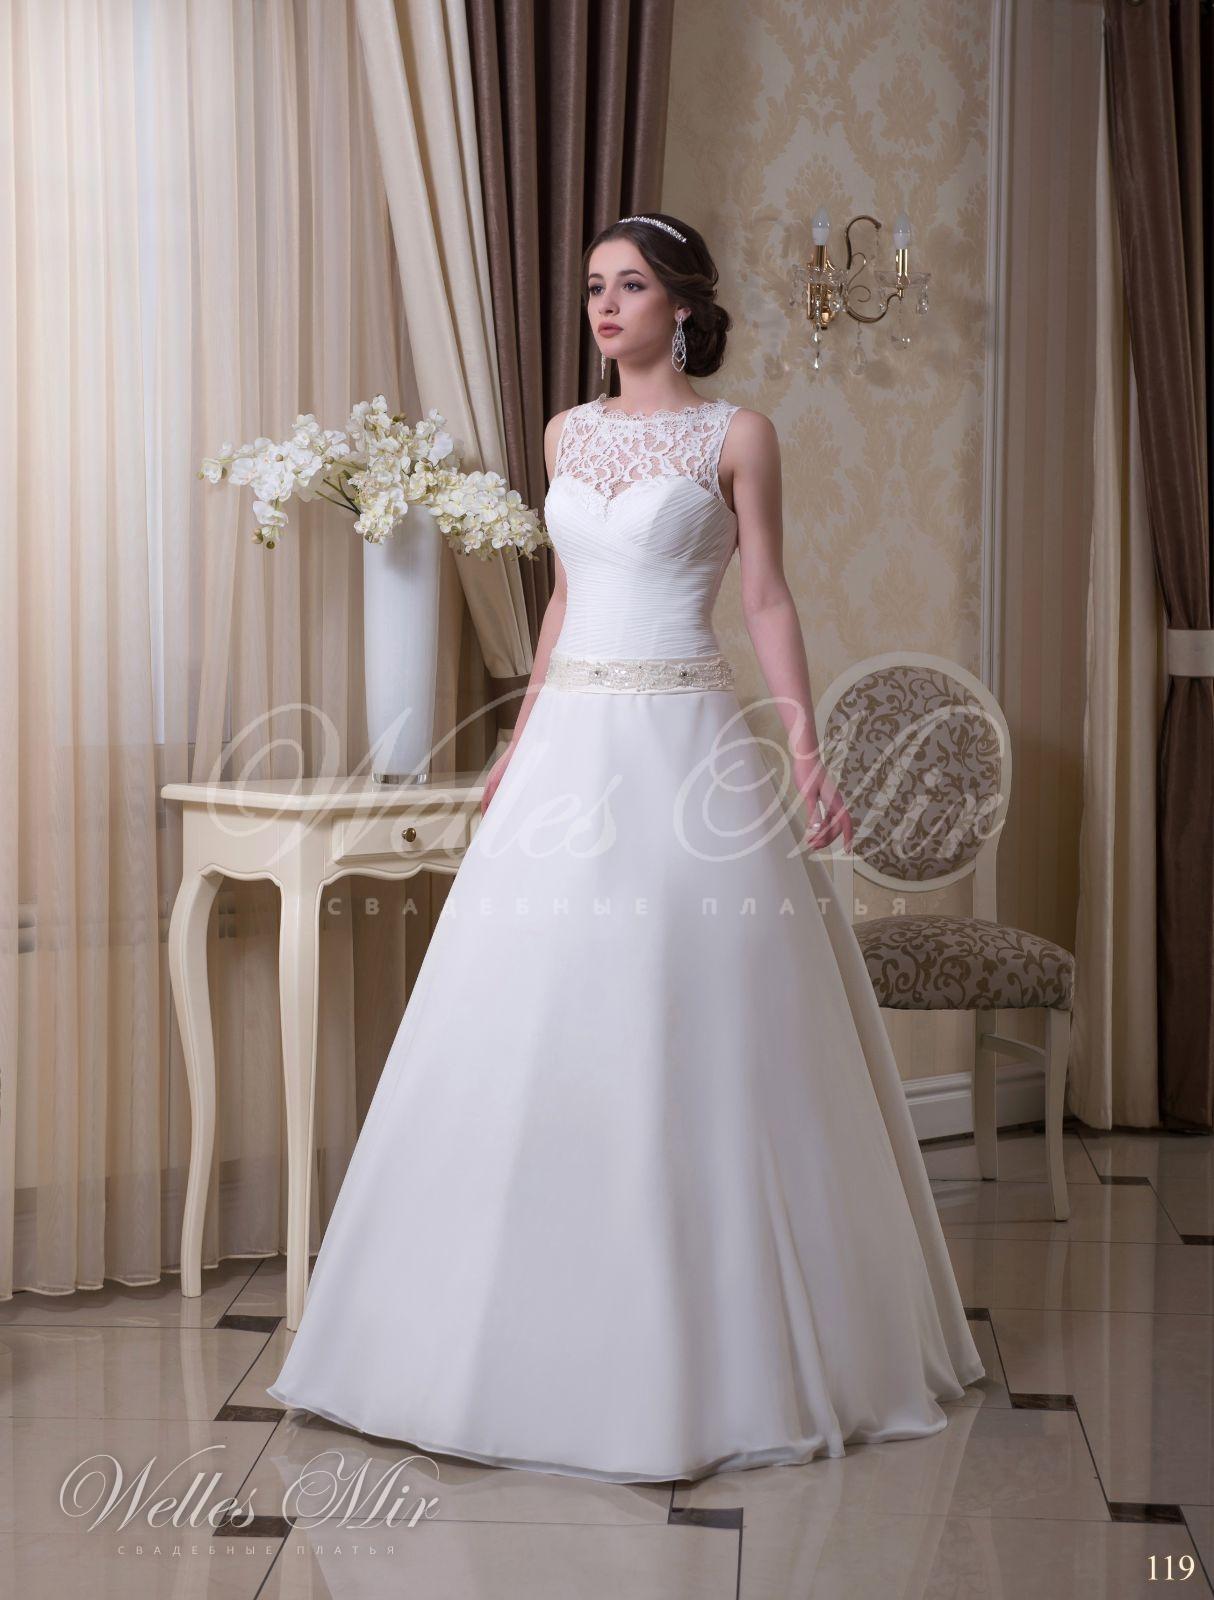 Свадебные платья Charming Elegance - 119